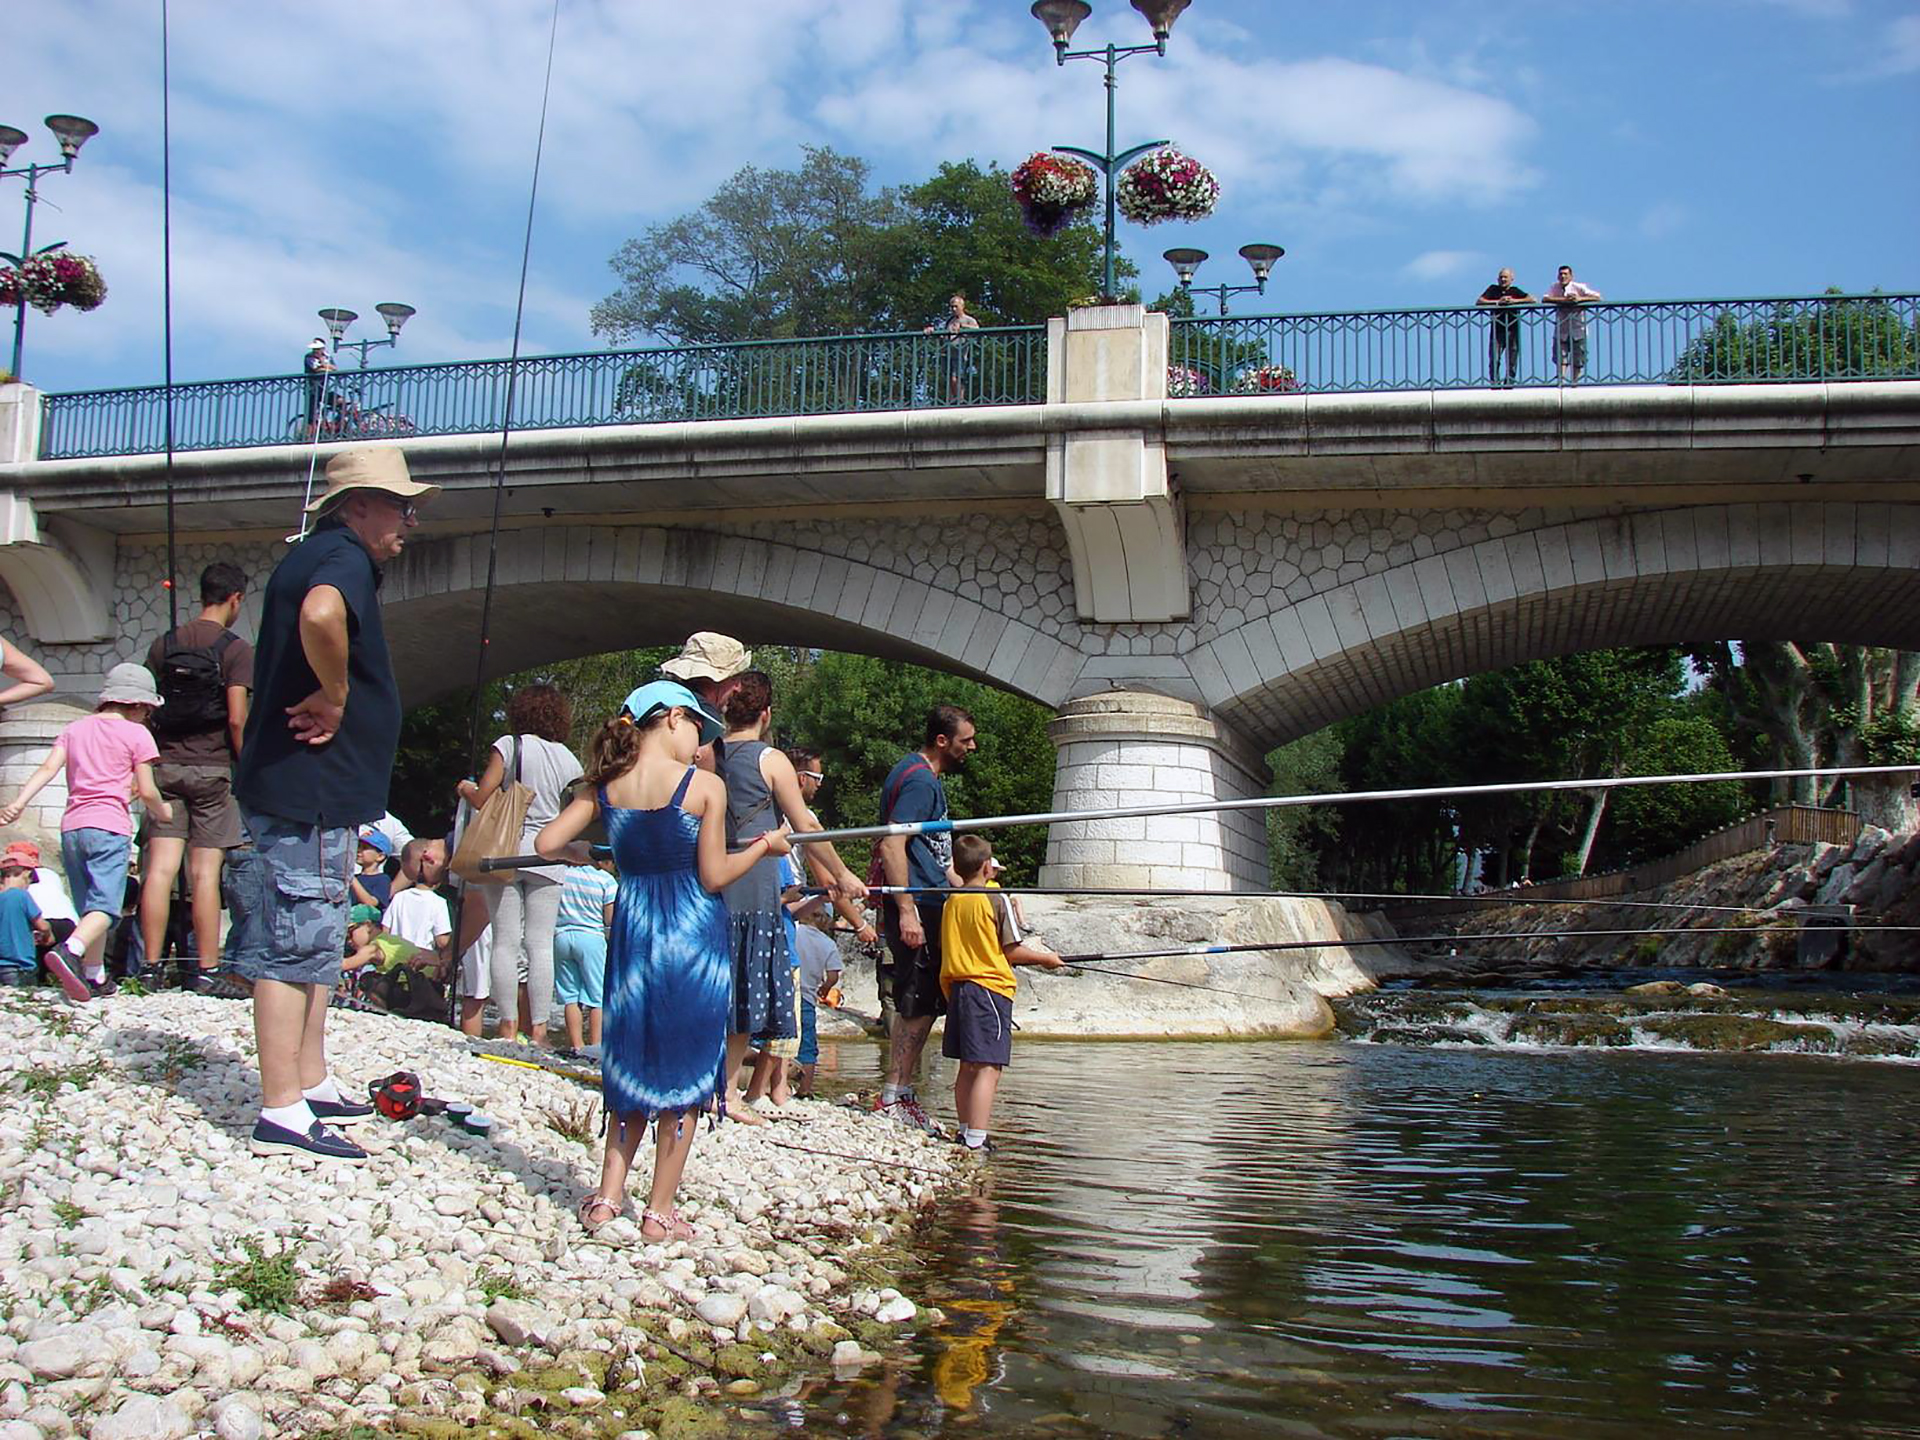 Photo concour pont